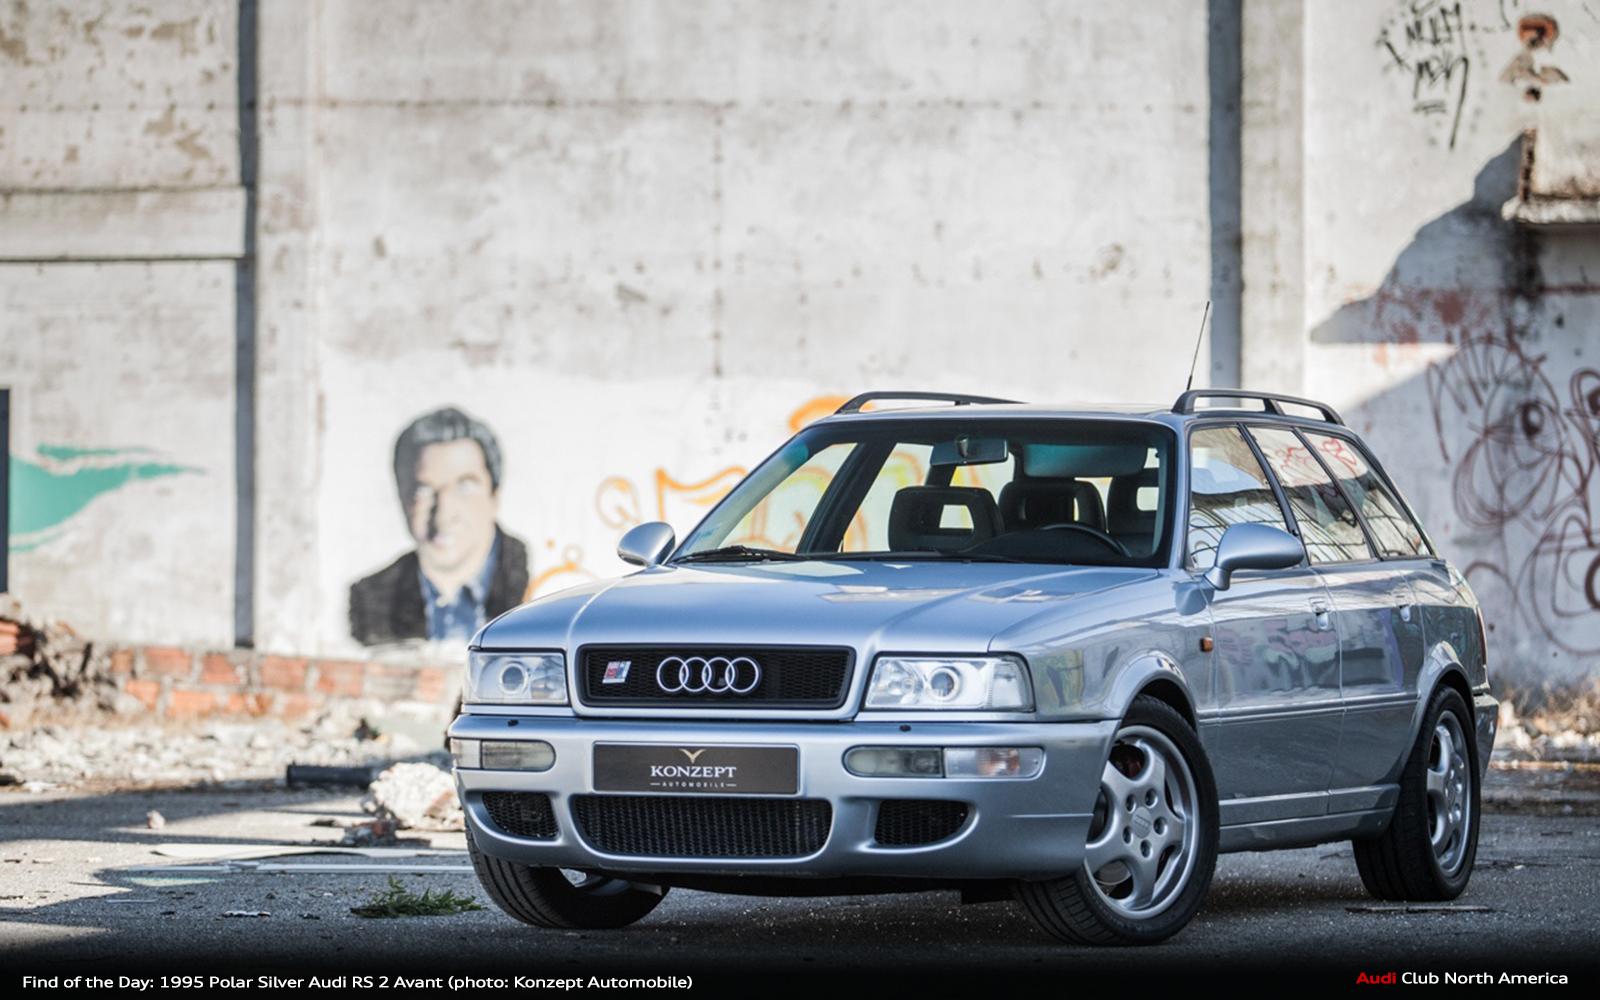 Kelebihan Audi Rs2 Avant Top Model Tahun Ini